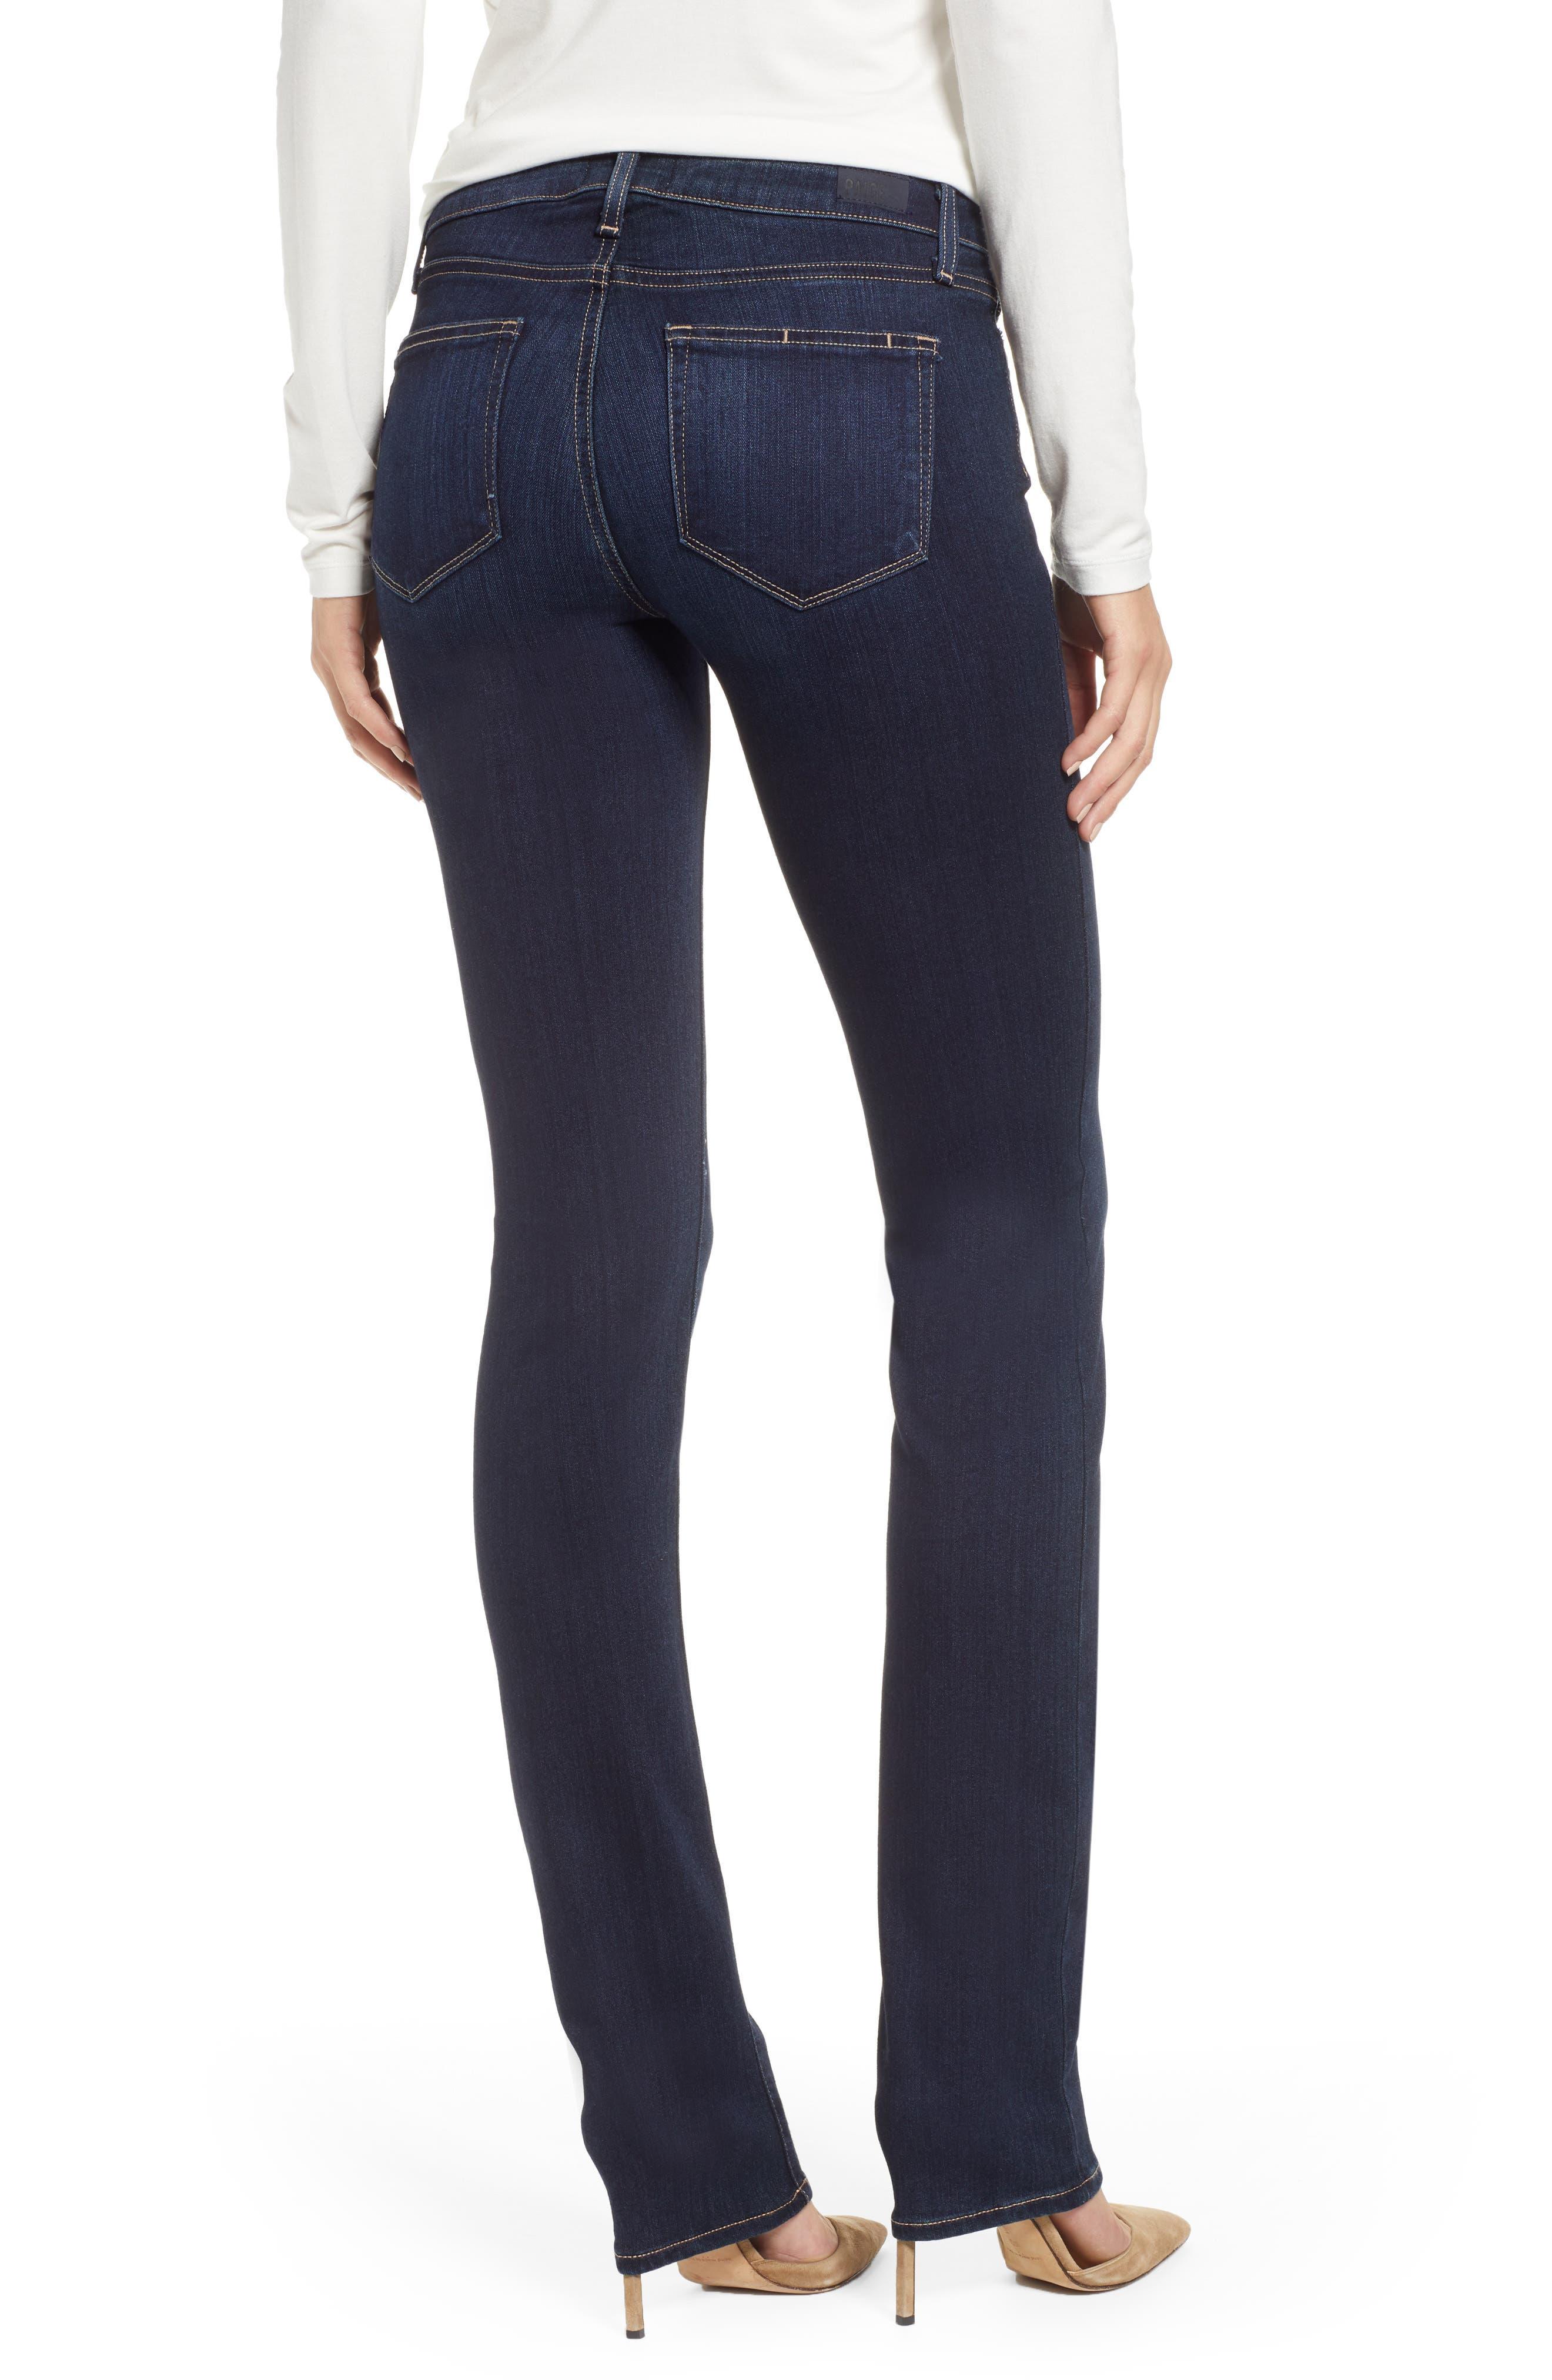 Transcend - Skyline Straight Leg Jeans,                             Alternate thumbnail 2, color,                             GARDENA